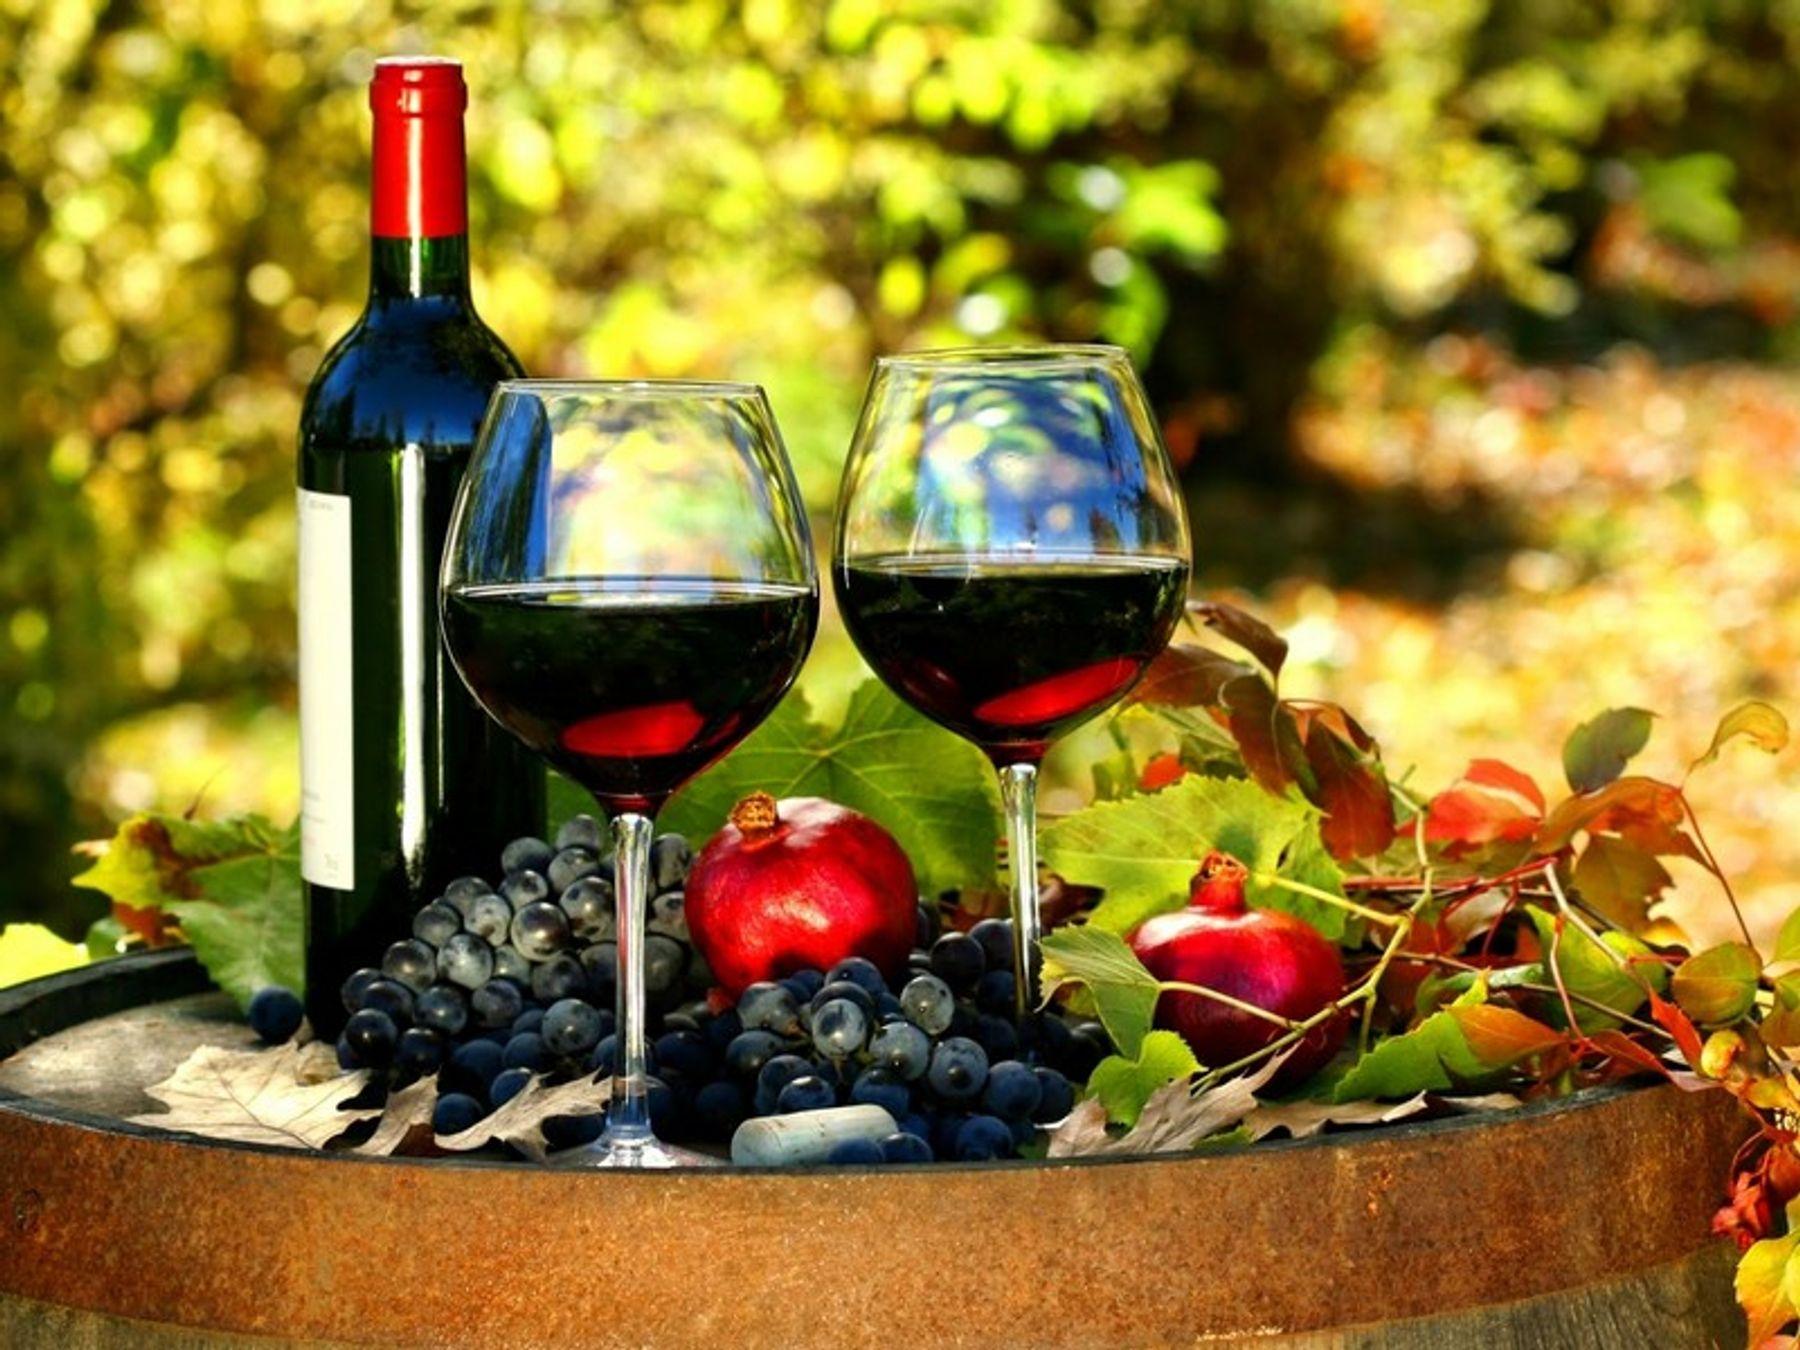 bí quyết làm đẹp từ rượu vang